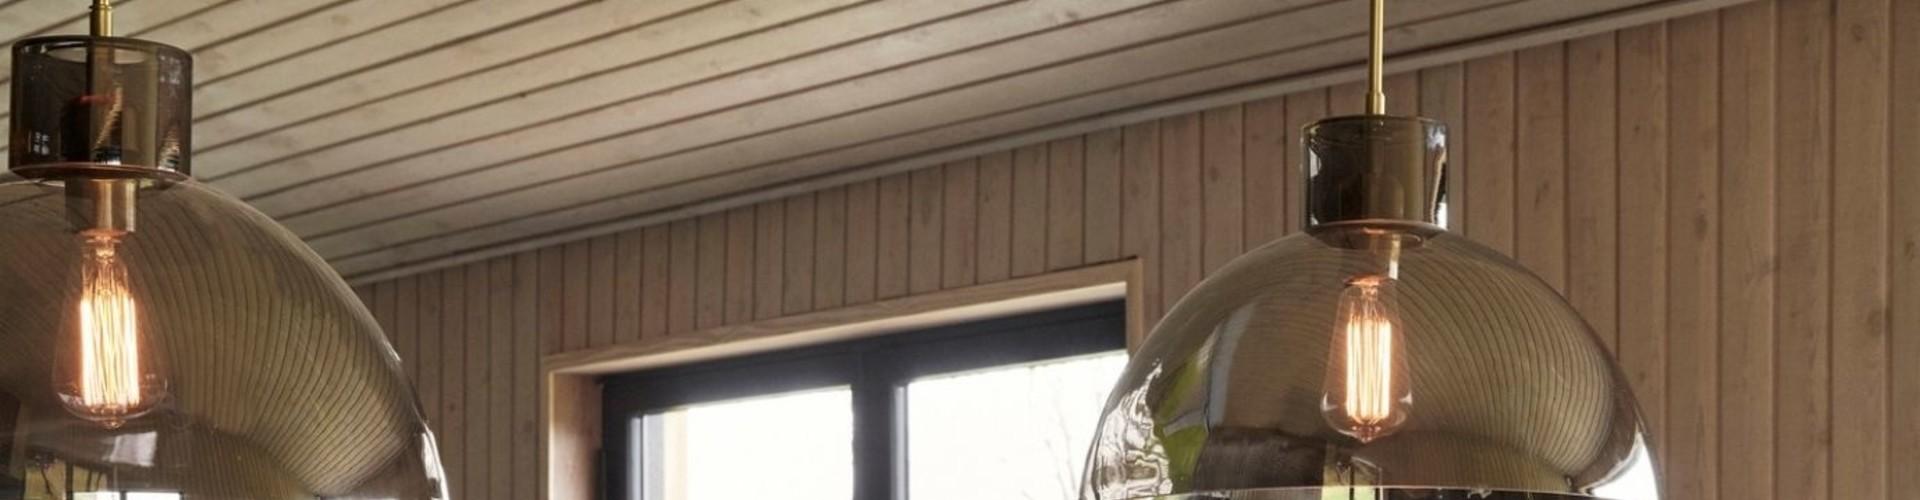 Glazen hanglamp nodig? Lees hier meer informatie!